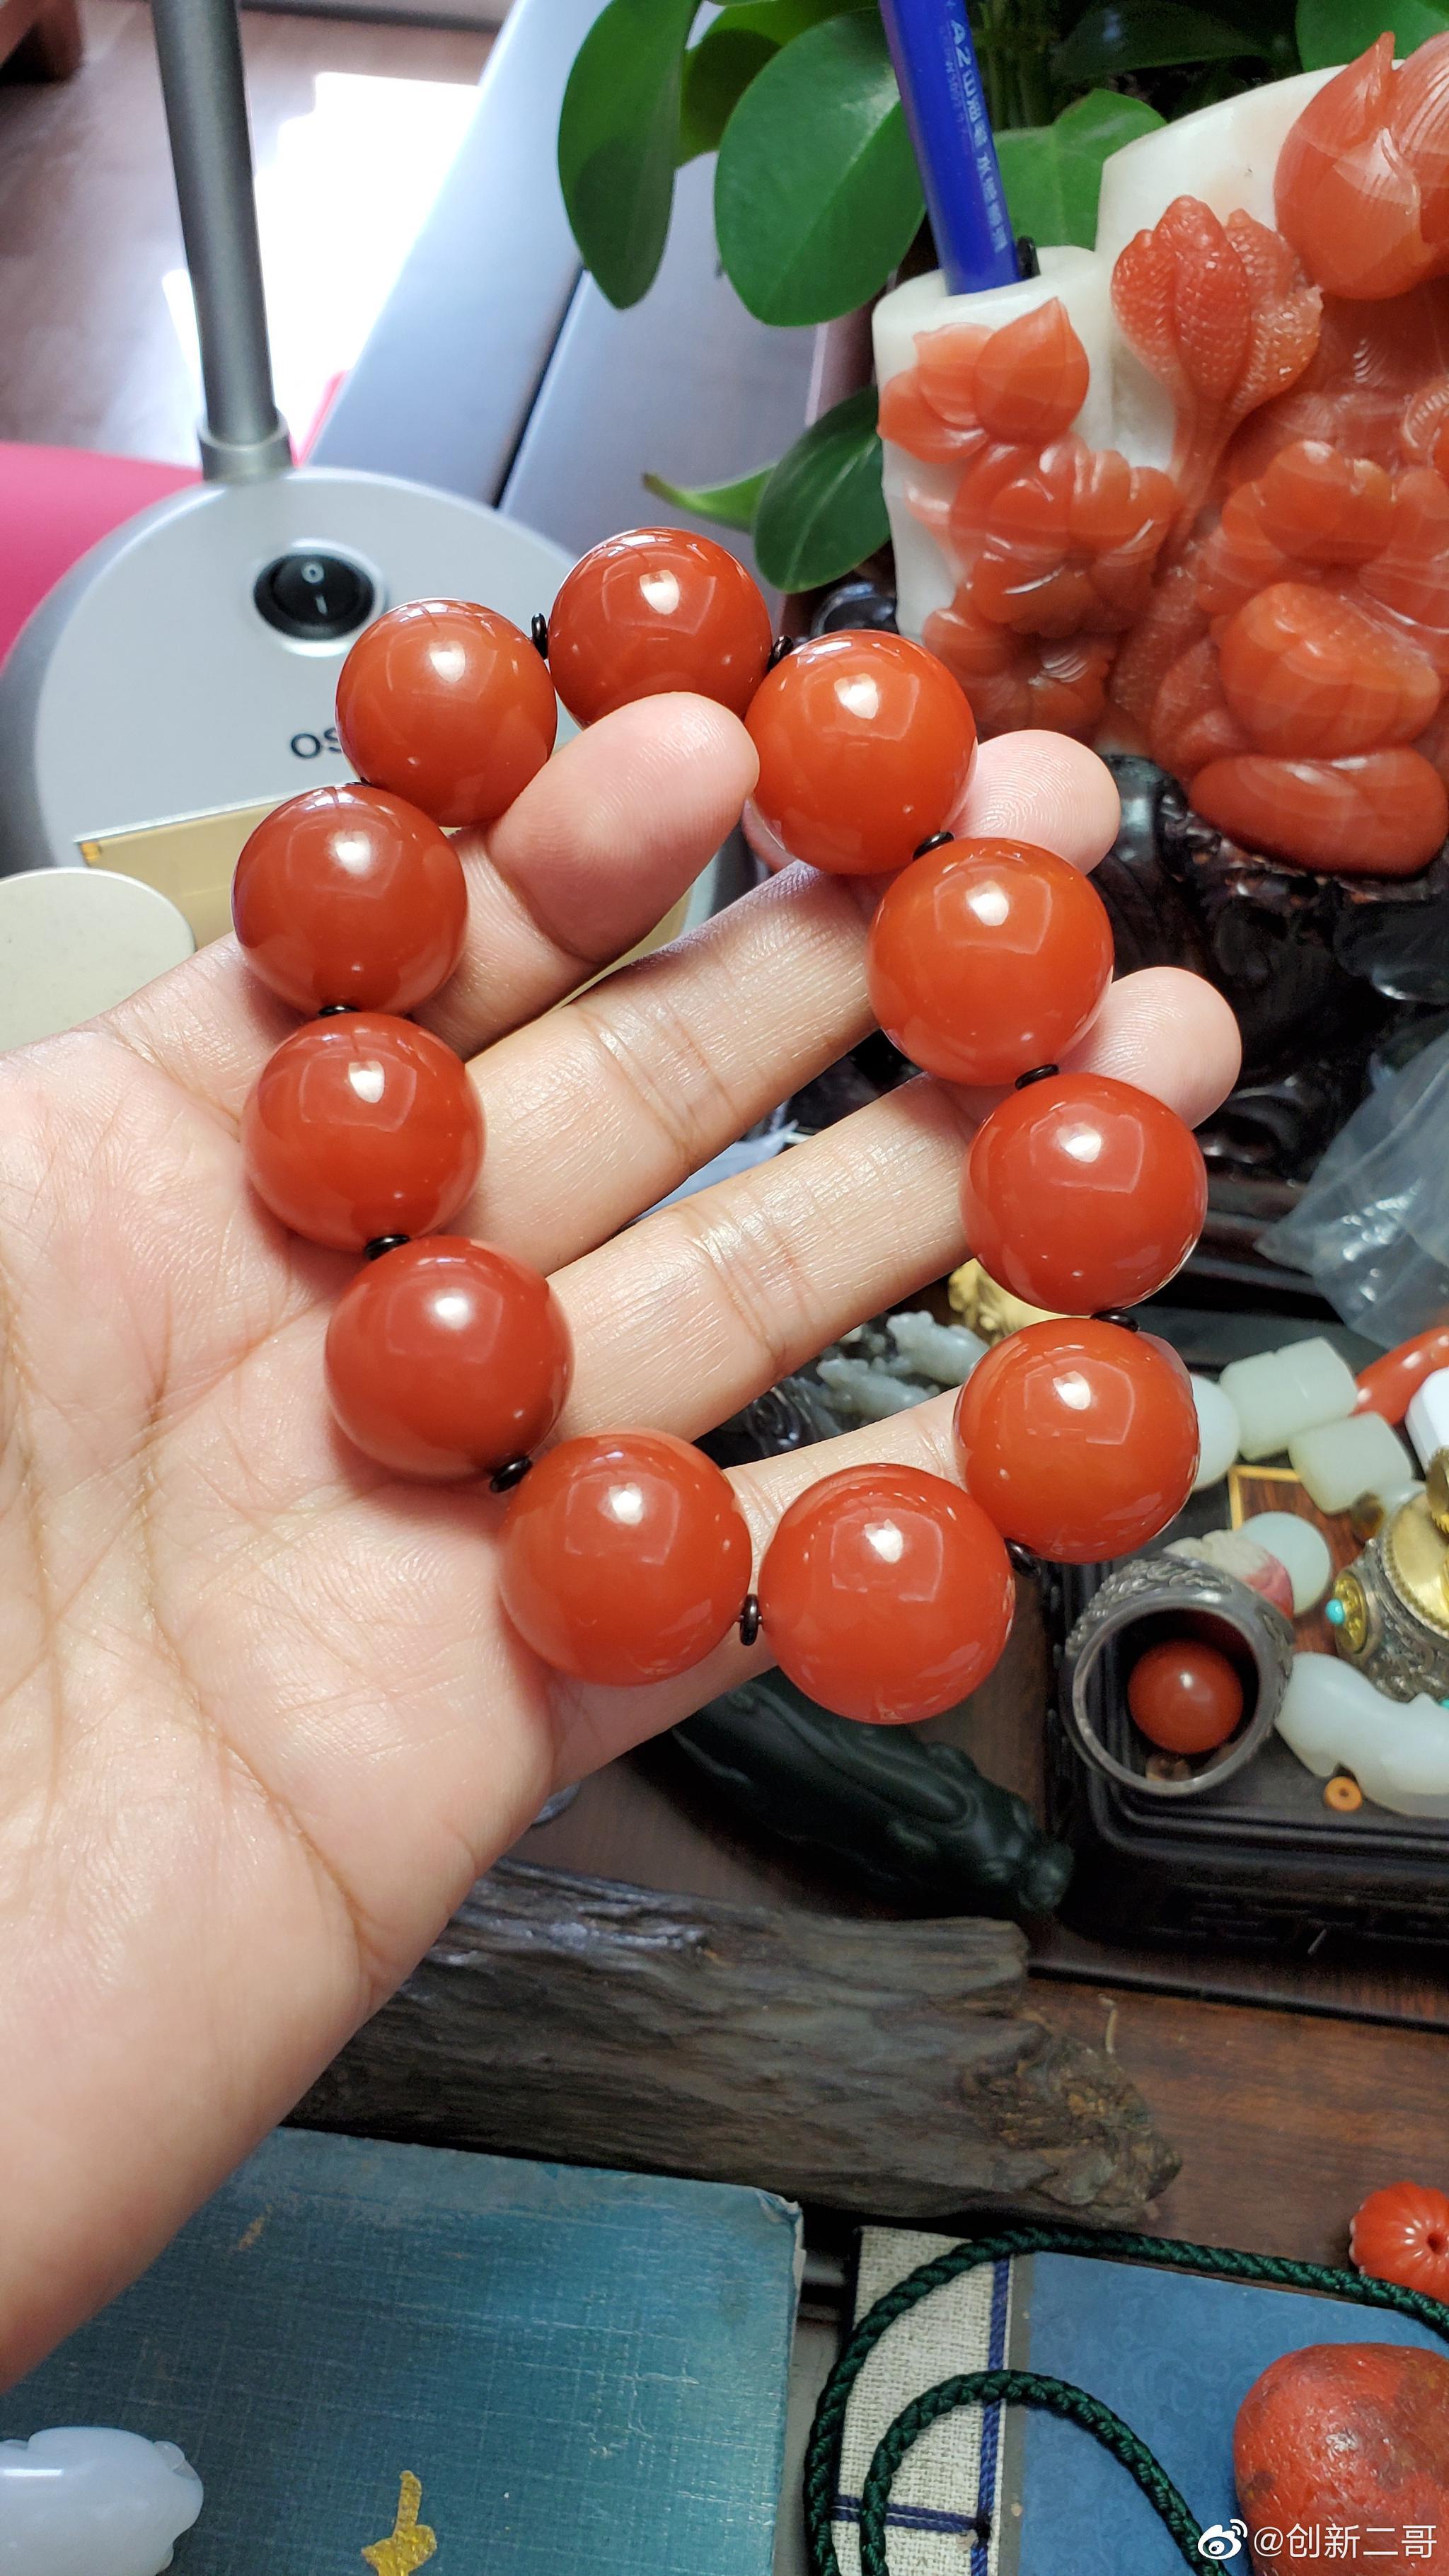 无裂原矿联合料南红大手串,太罕见了,南红一般都有裂。天然樱桃红